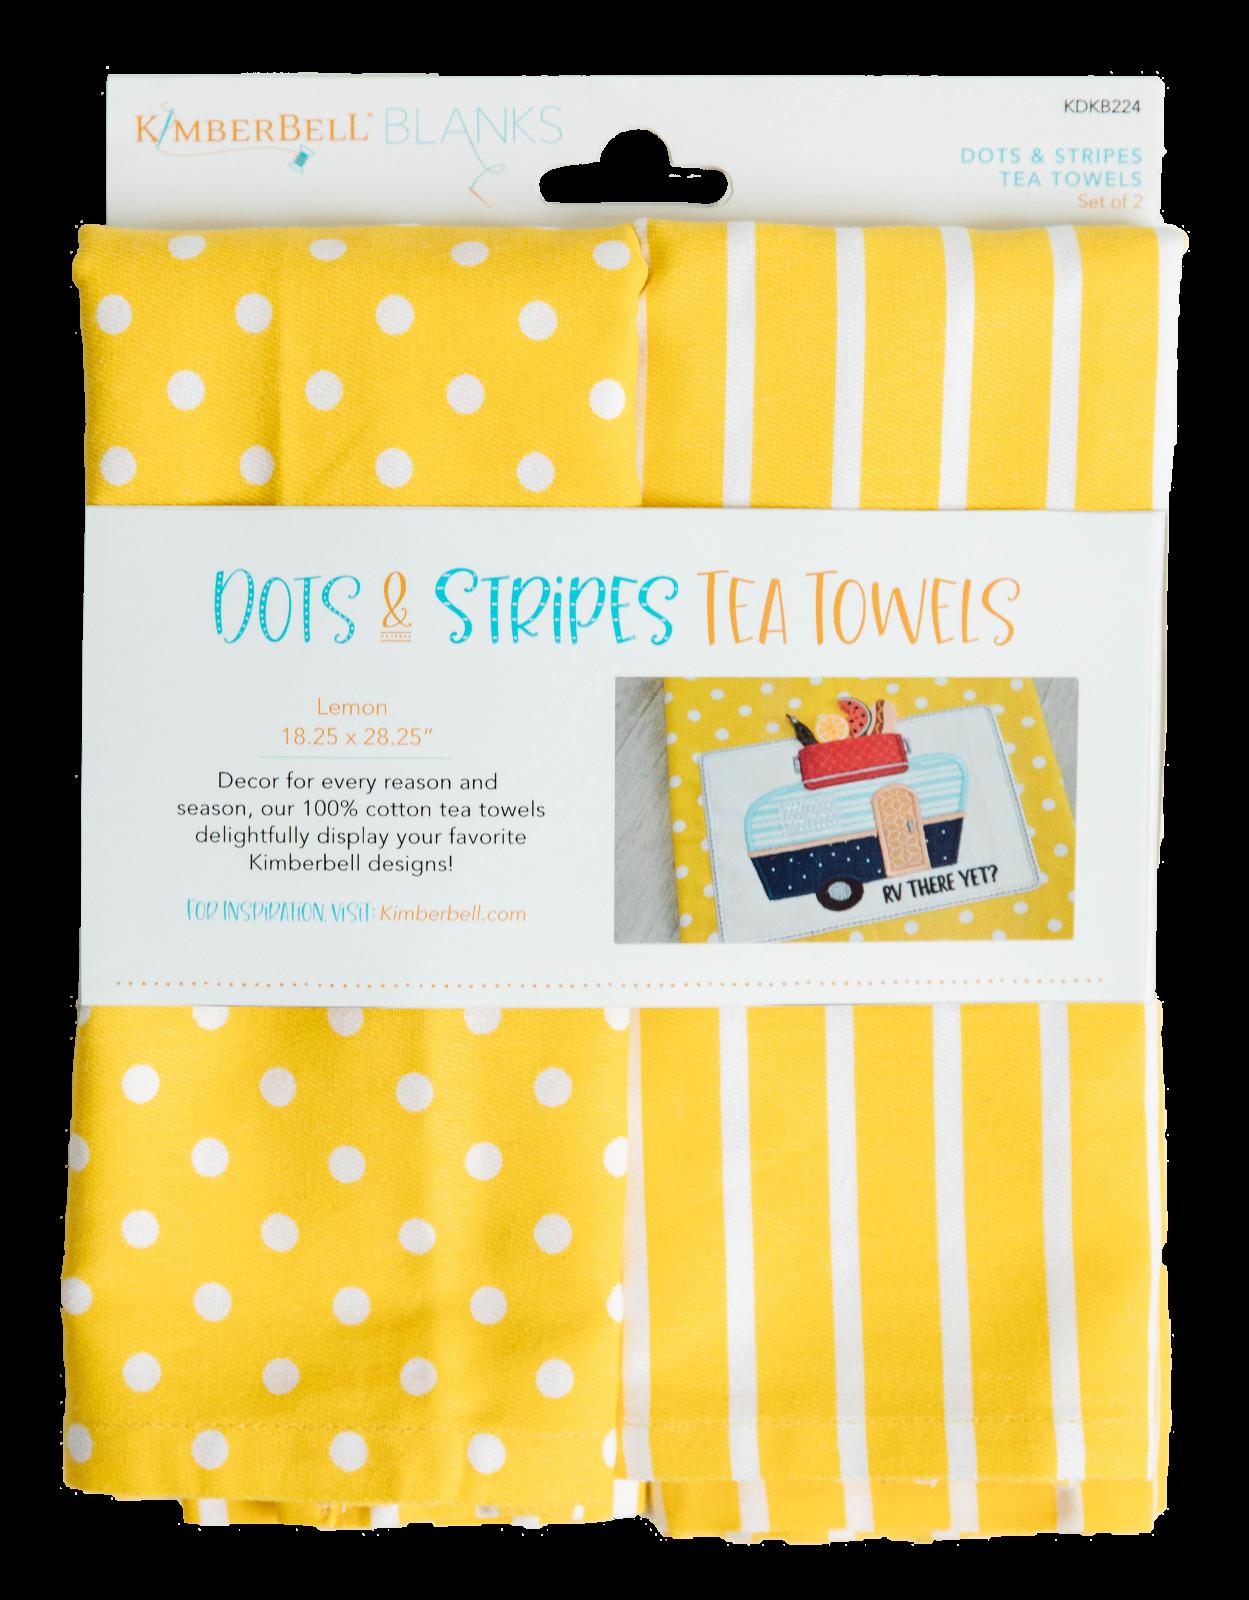 Kimberbell Dots & Stripes Tea Towels 2 pk - Lemon